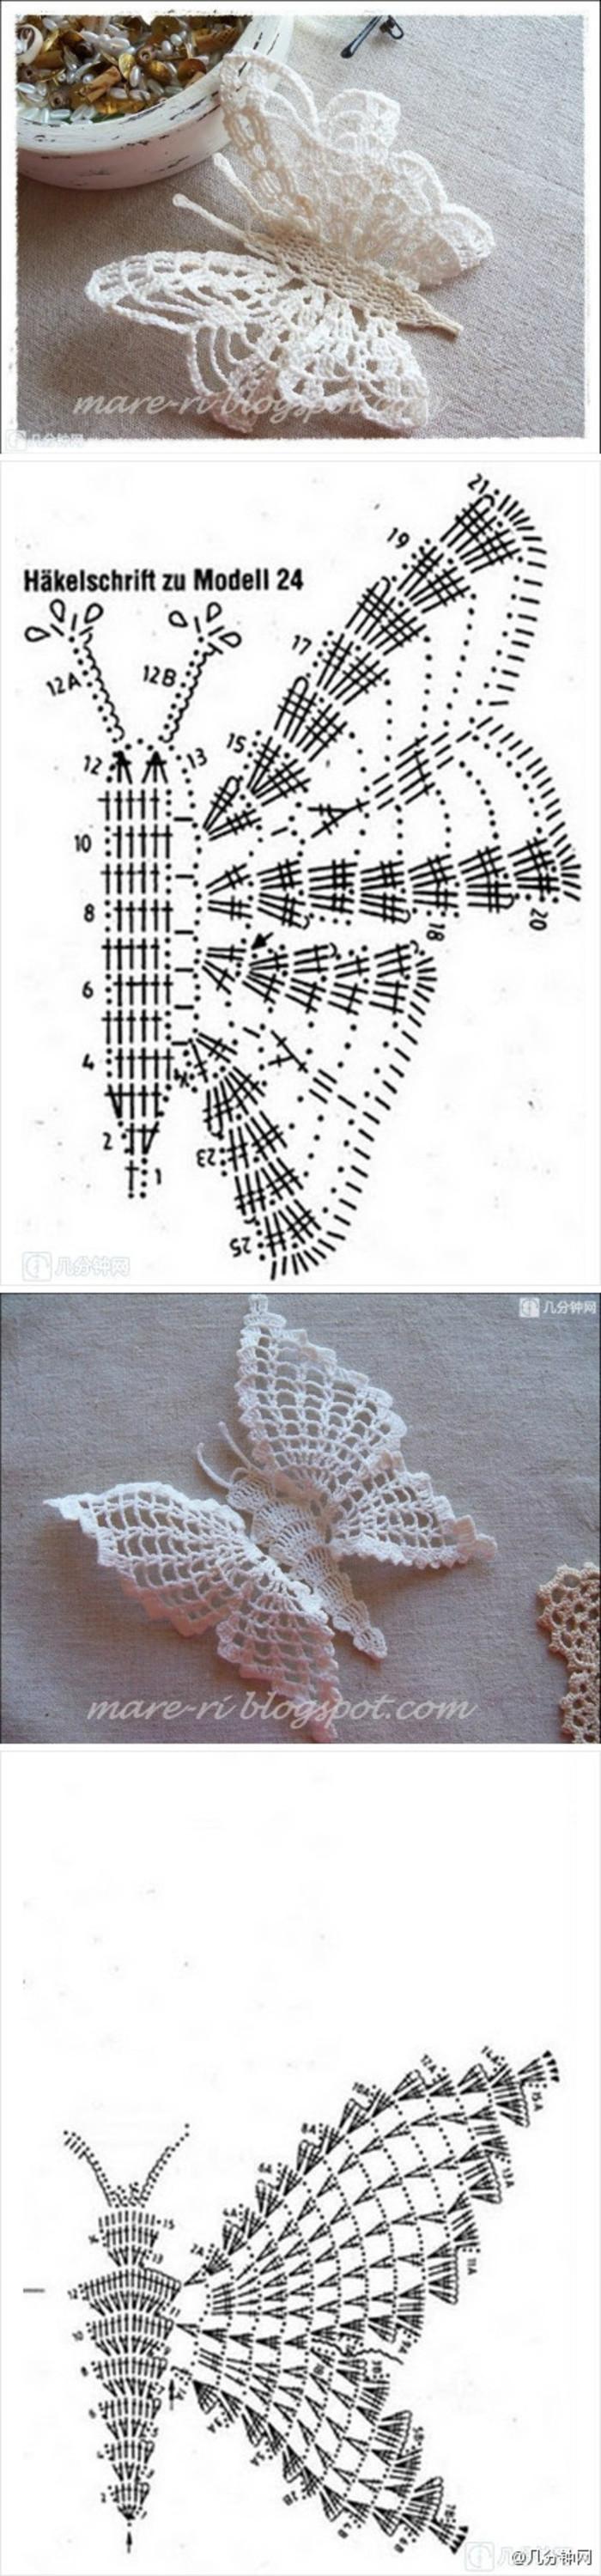 唯美的钩针蝴蝶,附针法符号 | manualidades | Pinterest | Accesorios